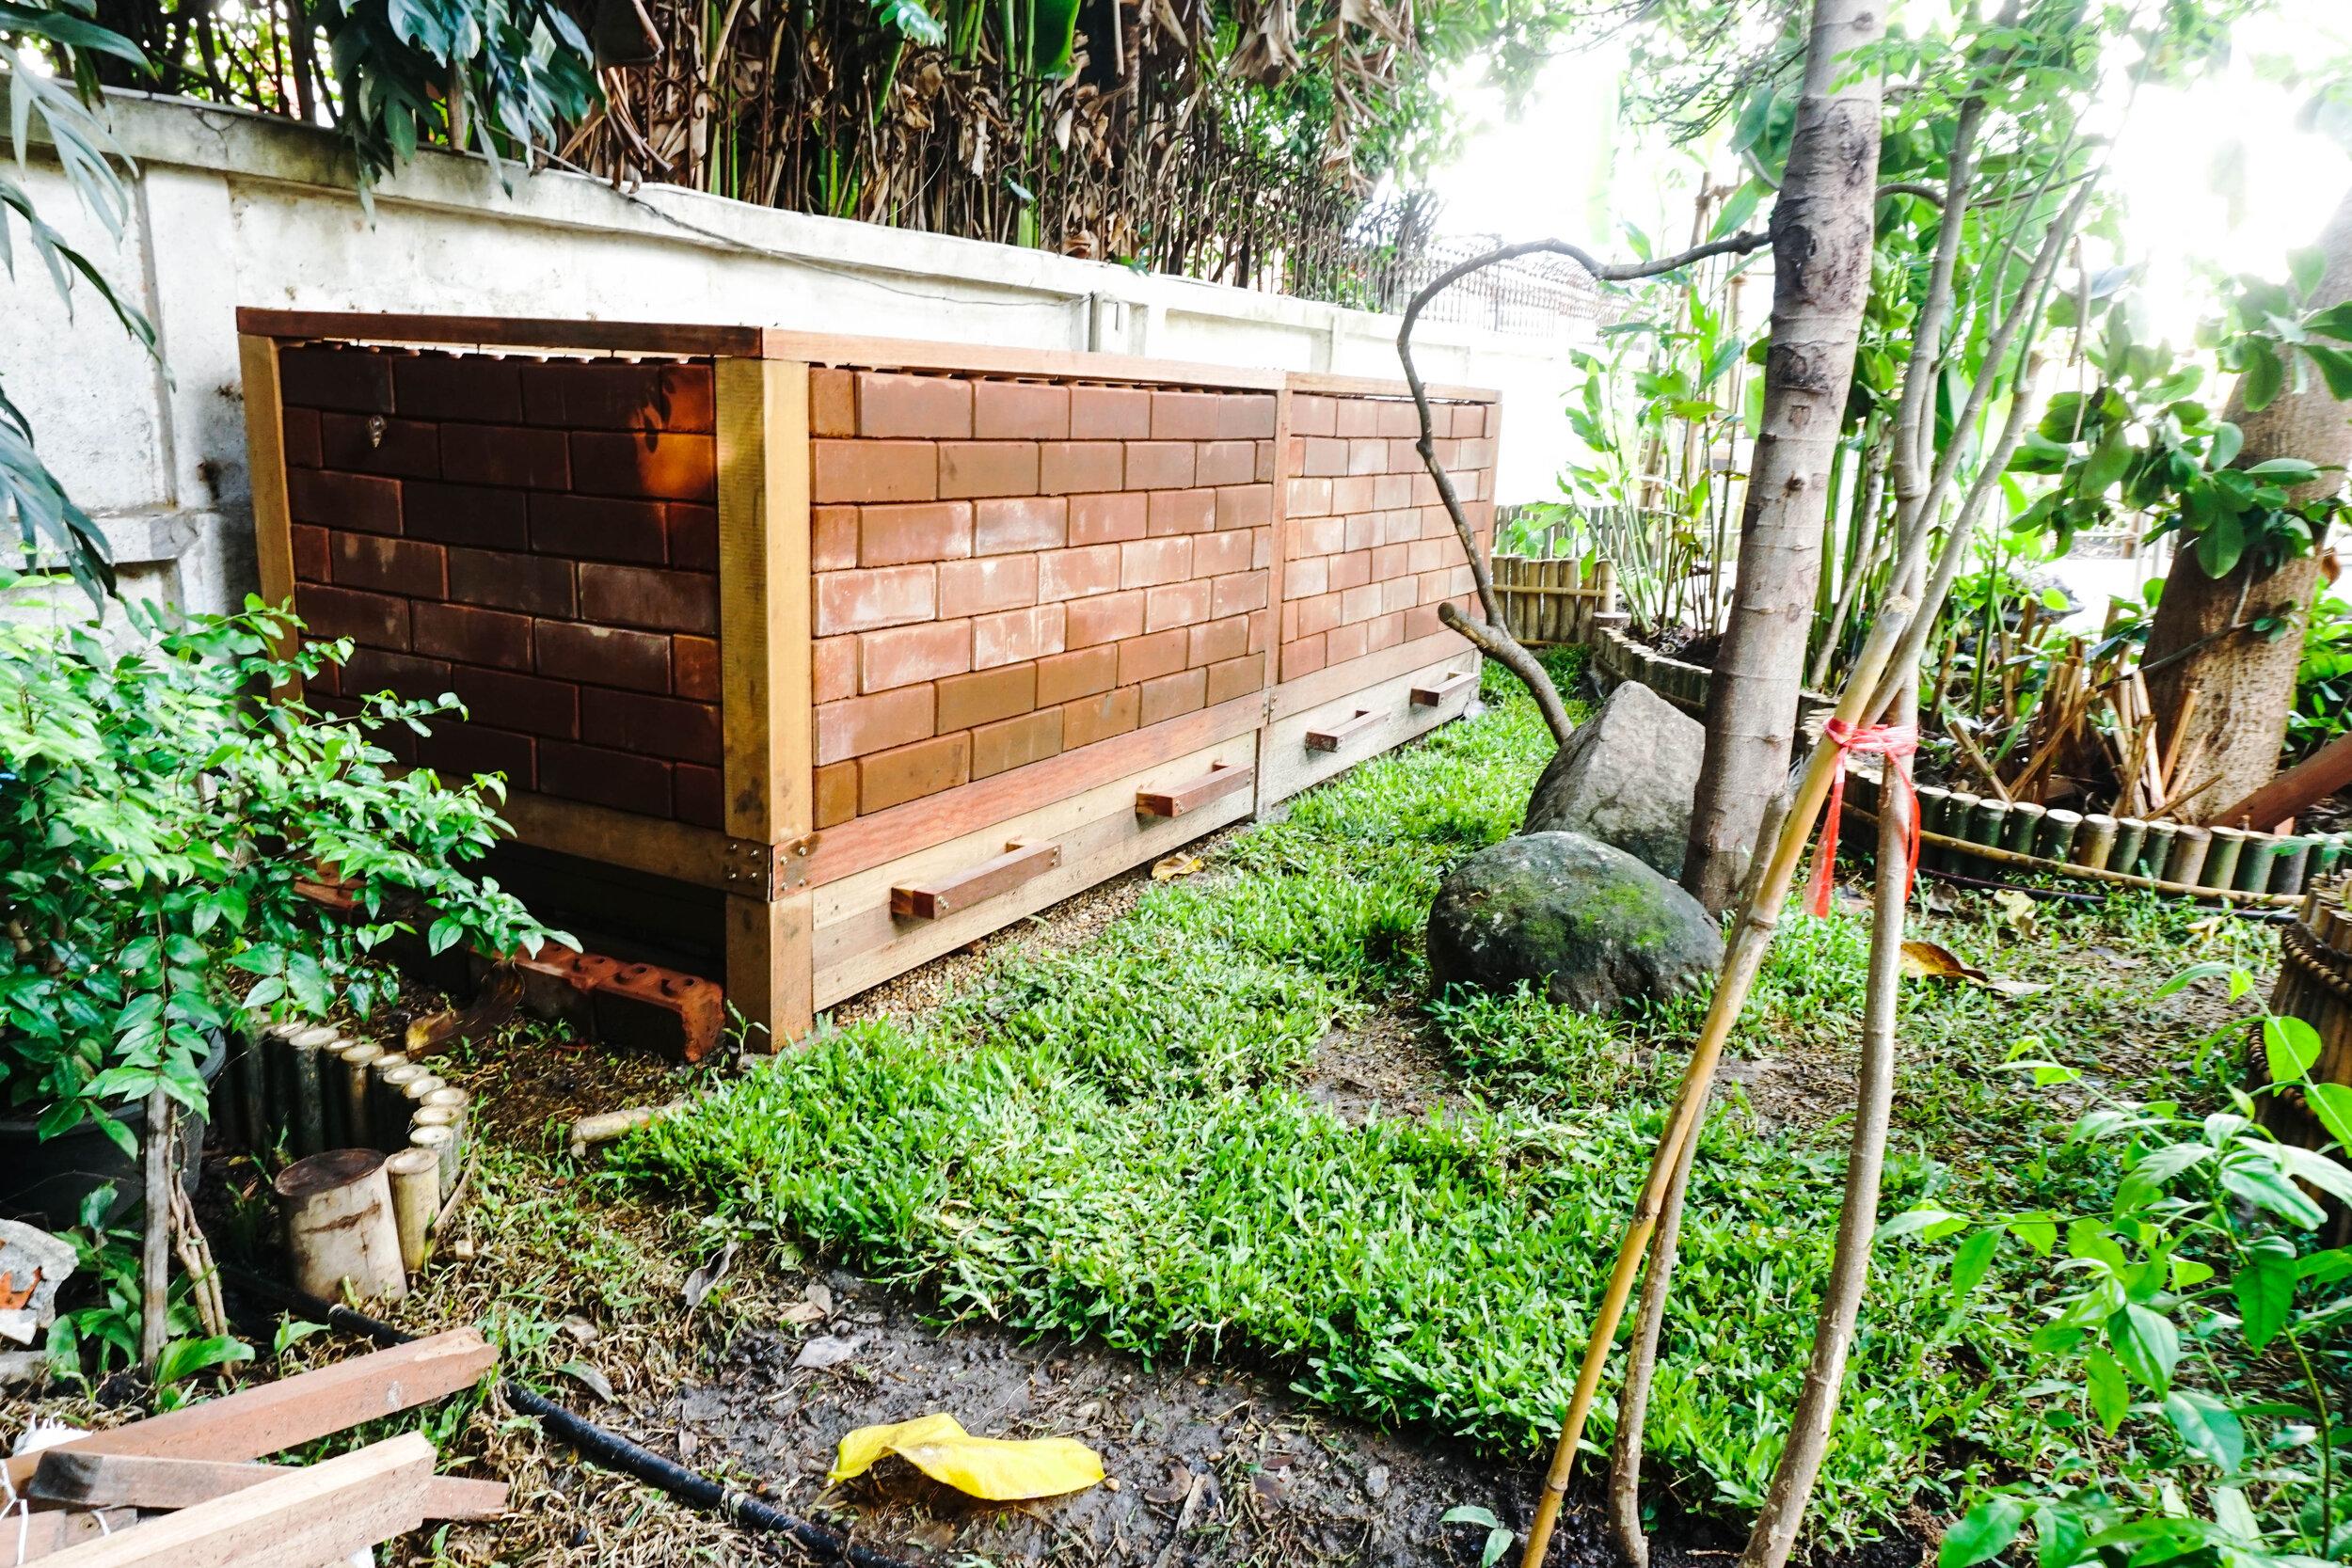 Bo.lan Edible Garden: The dry compost in ZONE G - The Spiral Garden & Compost